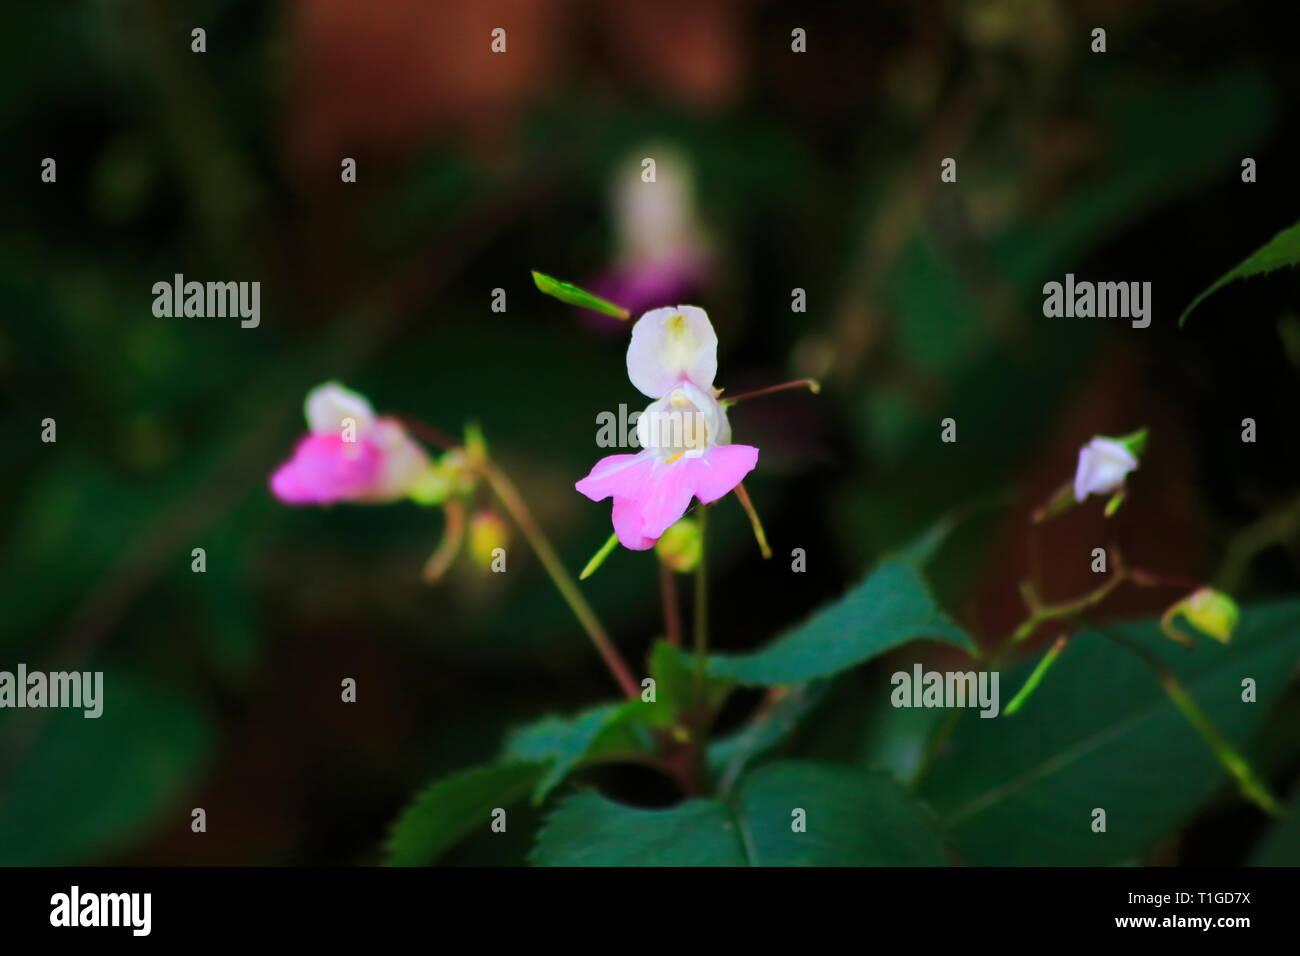 Rosa, Lila Farbenes Springkraut mit unscharfem dunklen Hintergrund Stockfoto